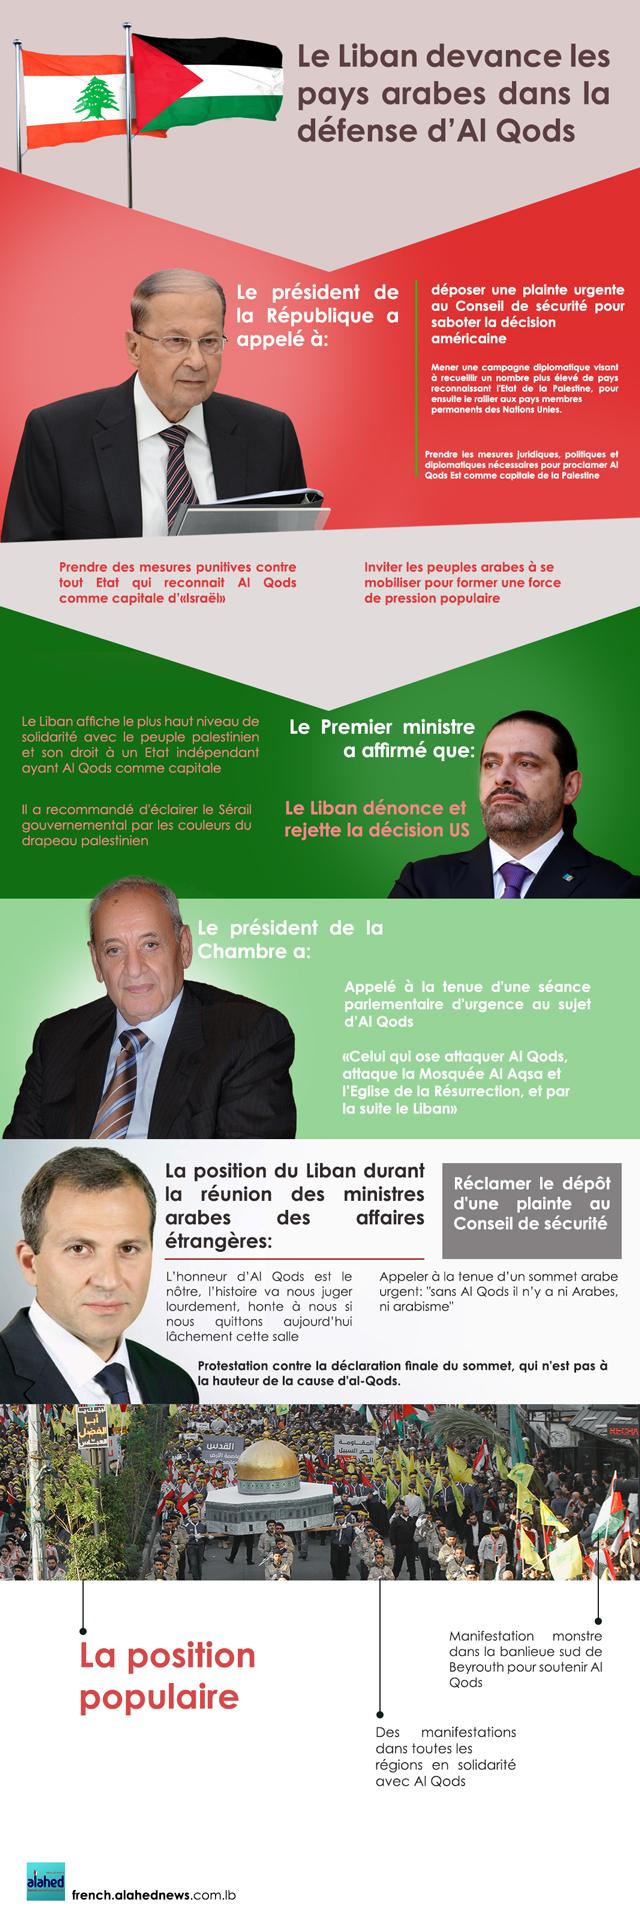 Le Liban devance les pays arabes dans la défense d'Al Qods